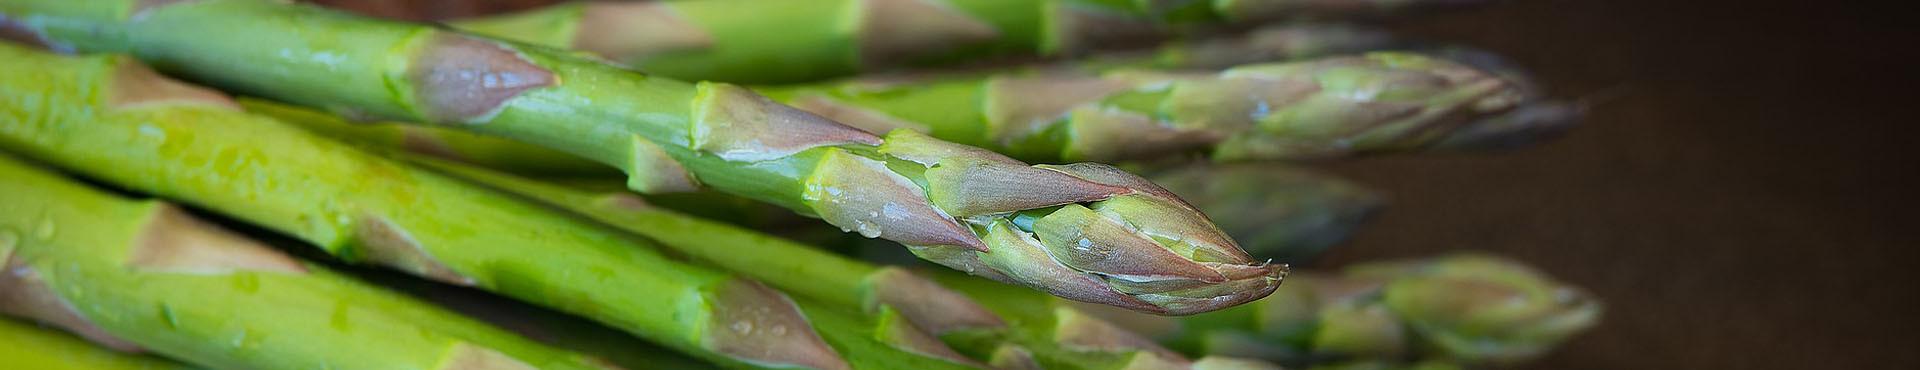 Semi di asparago